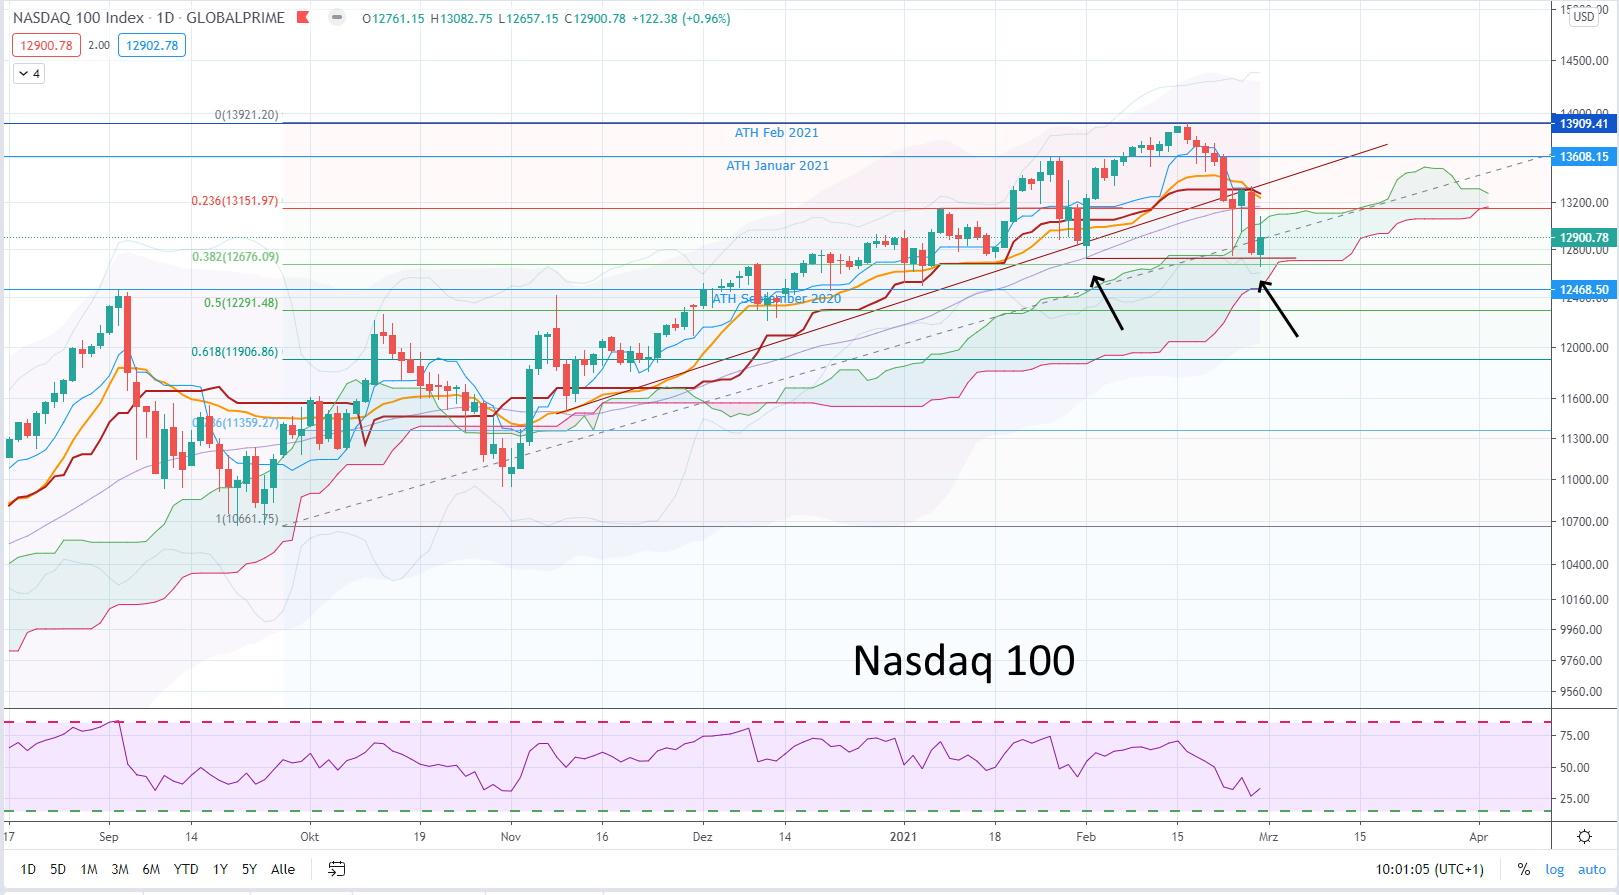 Aktuelle Marktsituation März 2021 - Aktien